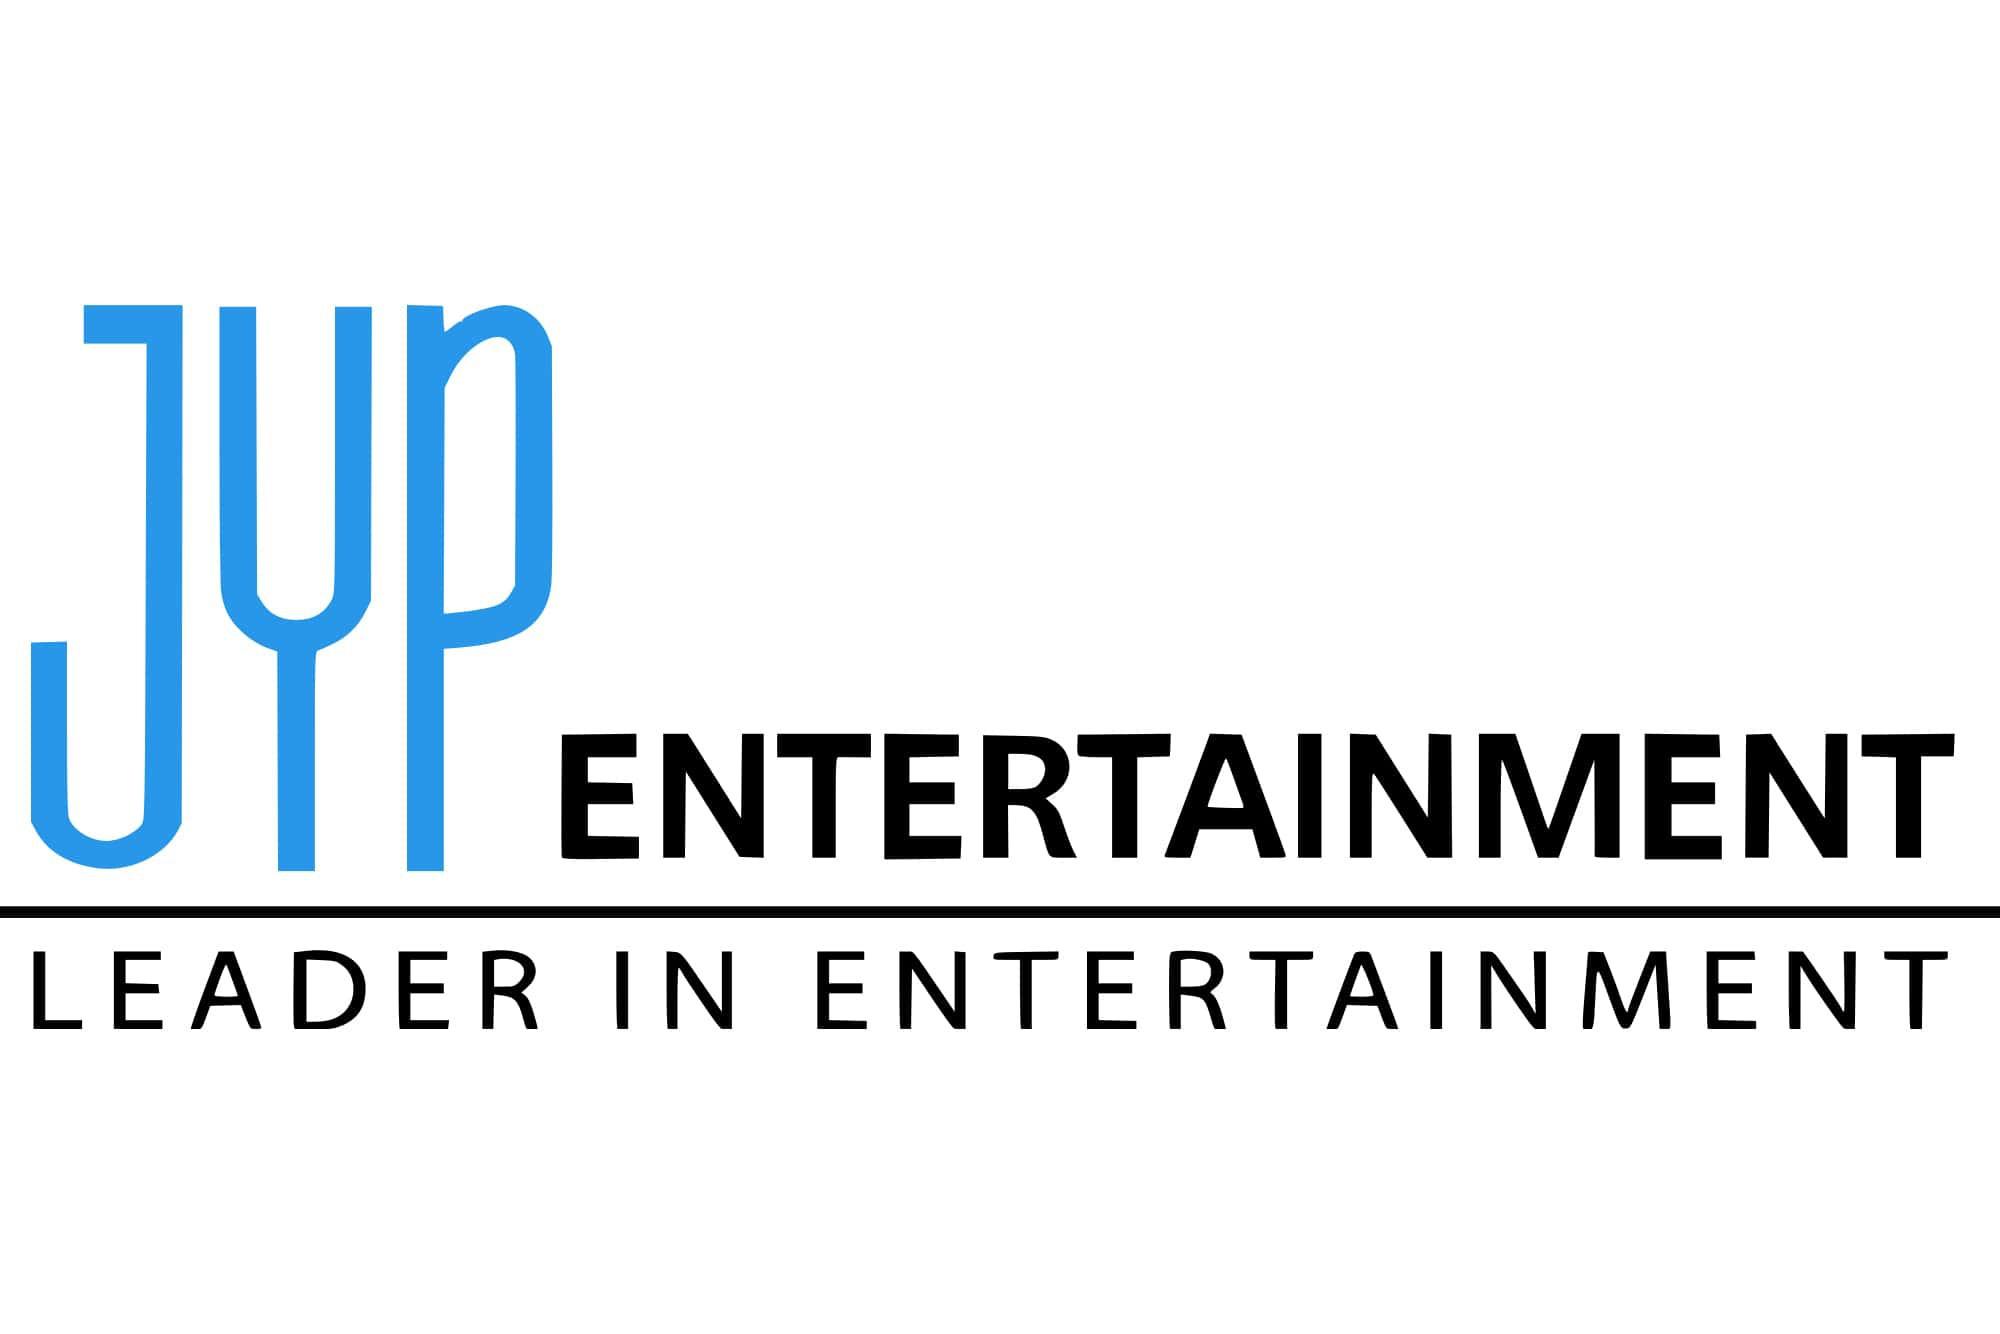 Không phải SM hay YG, JYP mới là công ty đầu tiên tổ chức cuộc thi chưa từng có tiền lệ ở Hàn Quốc - Ảnh 1.